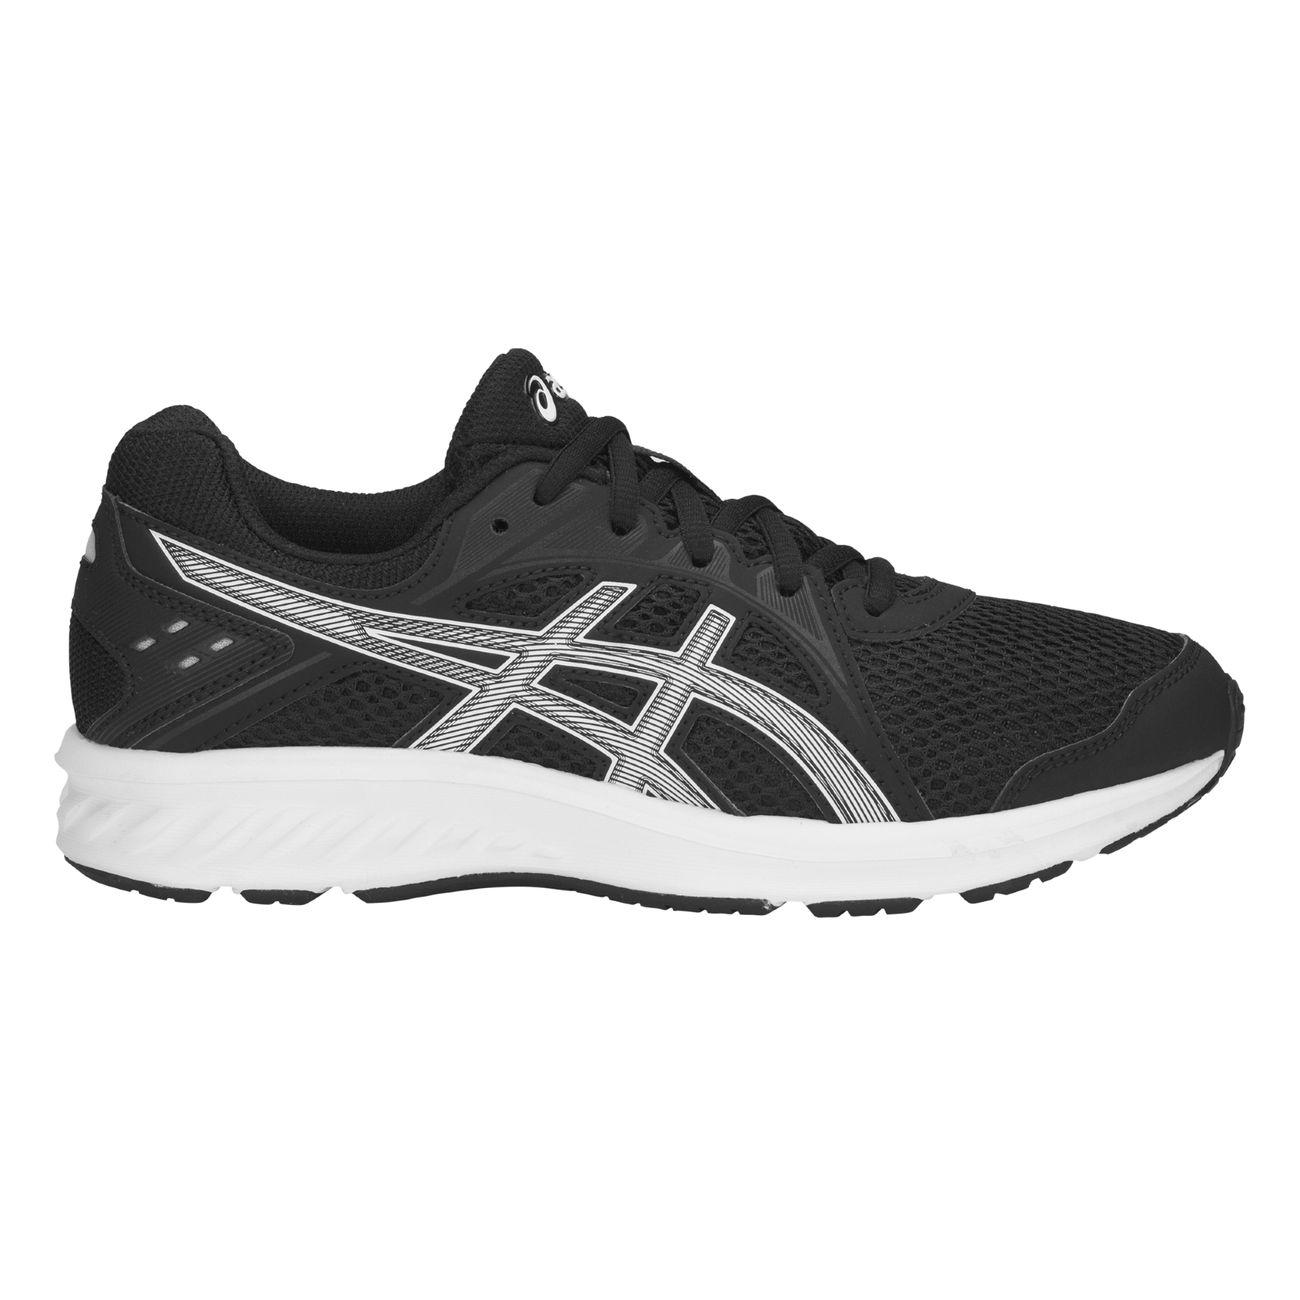 Chaussures junior Asics Jolt 2 Gs – achat et prix pas cher